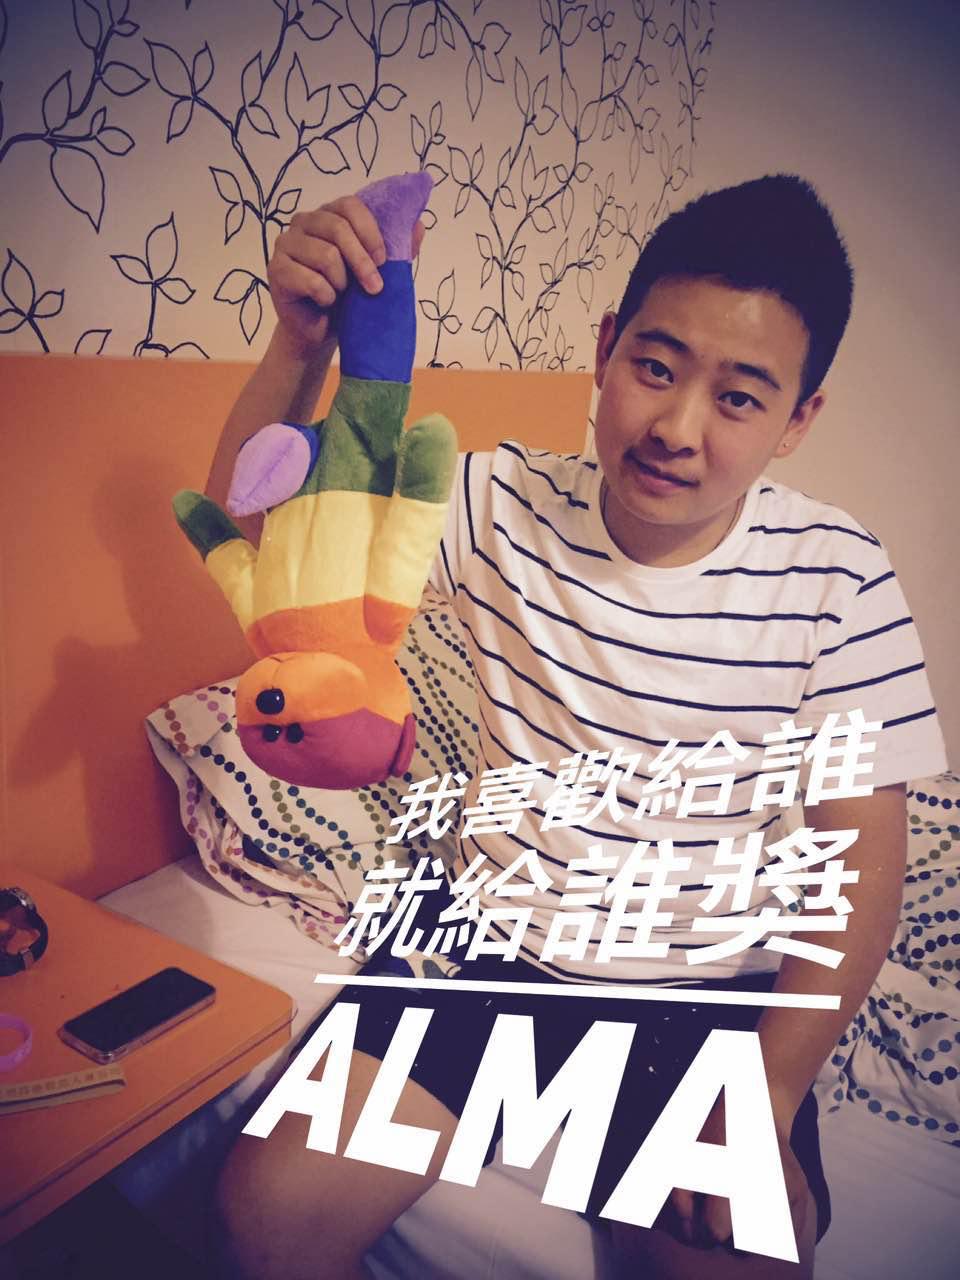 ALMA Awards, Teddybear, Shanghai, LGBTQ, Fraud, Lost Awards, WTF